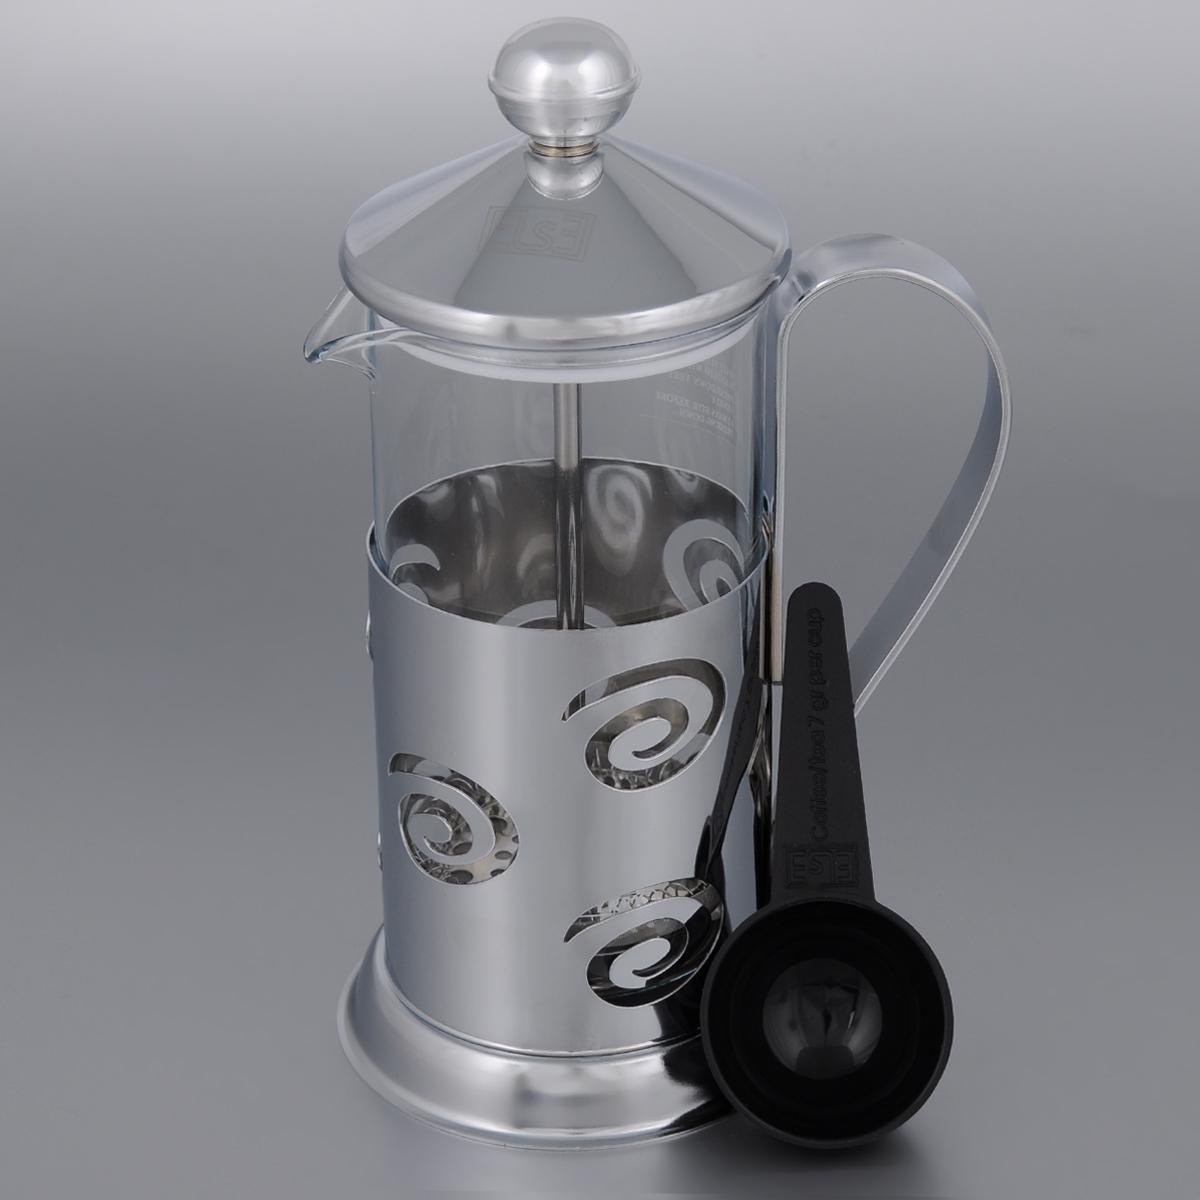 Френч-пресс Else Monaco, с ложкой, 350 мл115510Френч-пресс Else Monaco поможет приготовить вкусный ароматный чай или кофе. Им очень легко пользоваться: засыпьте внутрь заварку, залейте водой, накройте крышкой с поднятым поршнем, дайте настояться и затем медленно опустите поршень. Таким образом напиток заваривается без чаинок. Колба изготовлена из жаропрочного стекла, устойчивого к царапинам и термошоку. Колба выполнена по технологии антикапля: верхний край и носик имеют специальный усиленный ободок, который препятствует скатыванию капель по наружной стенке чайника. Капля не падает с носика чайника, а втягивается обратно. Корпус френч-пресса выполнен из нержавеющей стали с хромированным покрытием и украшен перфорацией в виде спиралей. Точечная спайка металлических частей производится по технологии invisible, которая делает места соединения деталей незаметными. Полировка с использованием специальных паст на основе натуральных компонентов придает изделию ослепительный блеск. Идеально отшлифованные поверхности и элементы приятны на ощупь, обладают меньшей теплопроводностью и высокими грязеотталкивающими свойствами. Крышка френч-пресса изнутри покрыта пищевым нетоксичным пластиком. Это соответствует гигиеническим требованиям, способствует сохранению тепла и препятствует чрезмерному нагреву самой крышки. Диаметр колбы: 7 см. Высота френч-пресса: 20 см. Диаметр основания френч-пресса: 9 см. Длина ложки: 10 см.